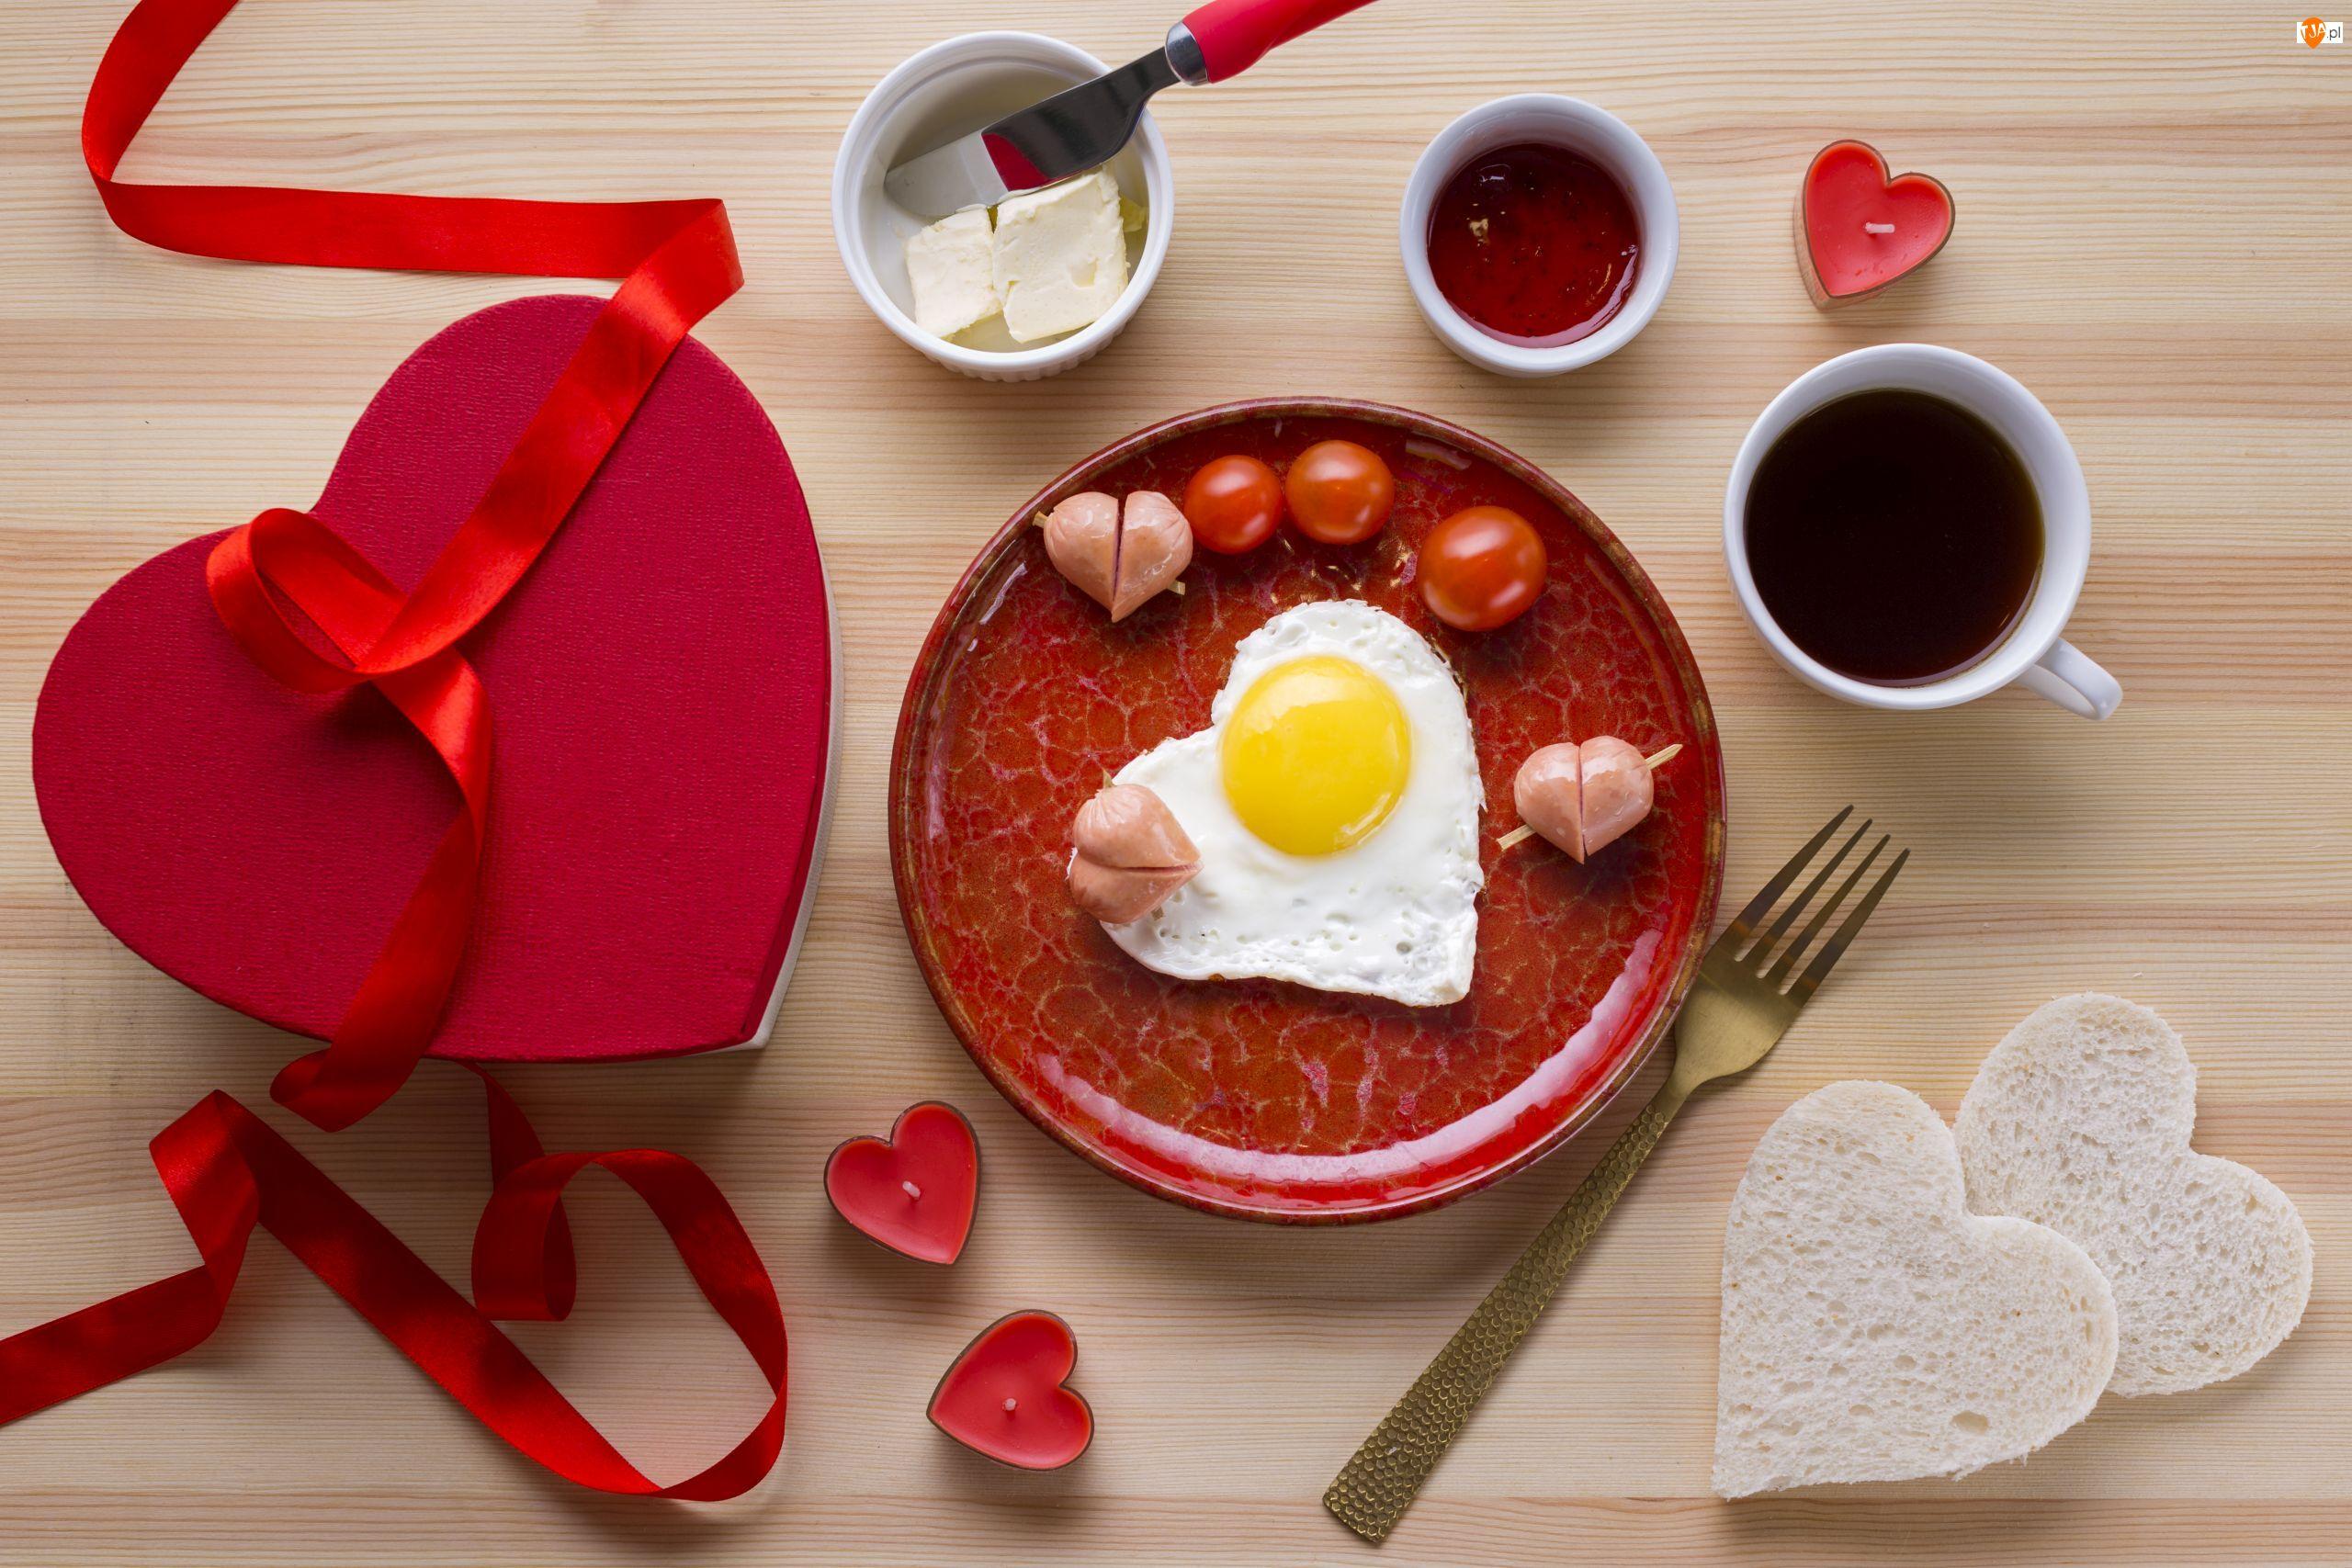 Herbata, Śniadanie, Dżem, Świeczki, Miłość, Prezent, Talerz, Jajko, Masło, Serce, Walentynki, Pomidory, Chleb